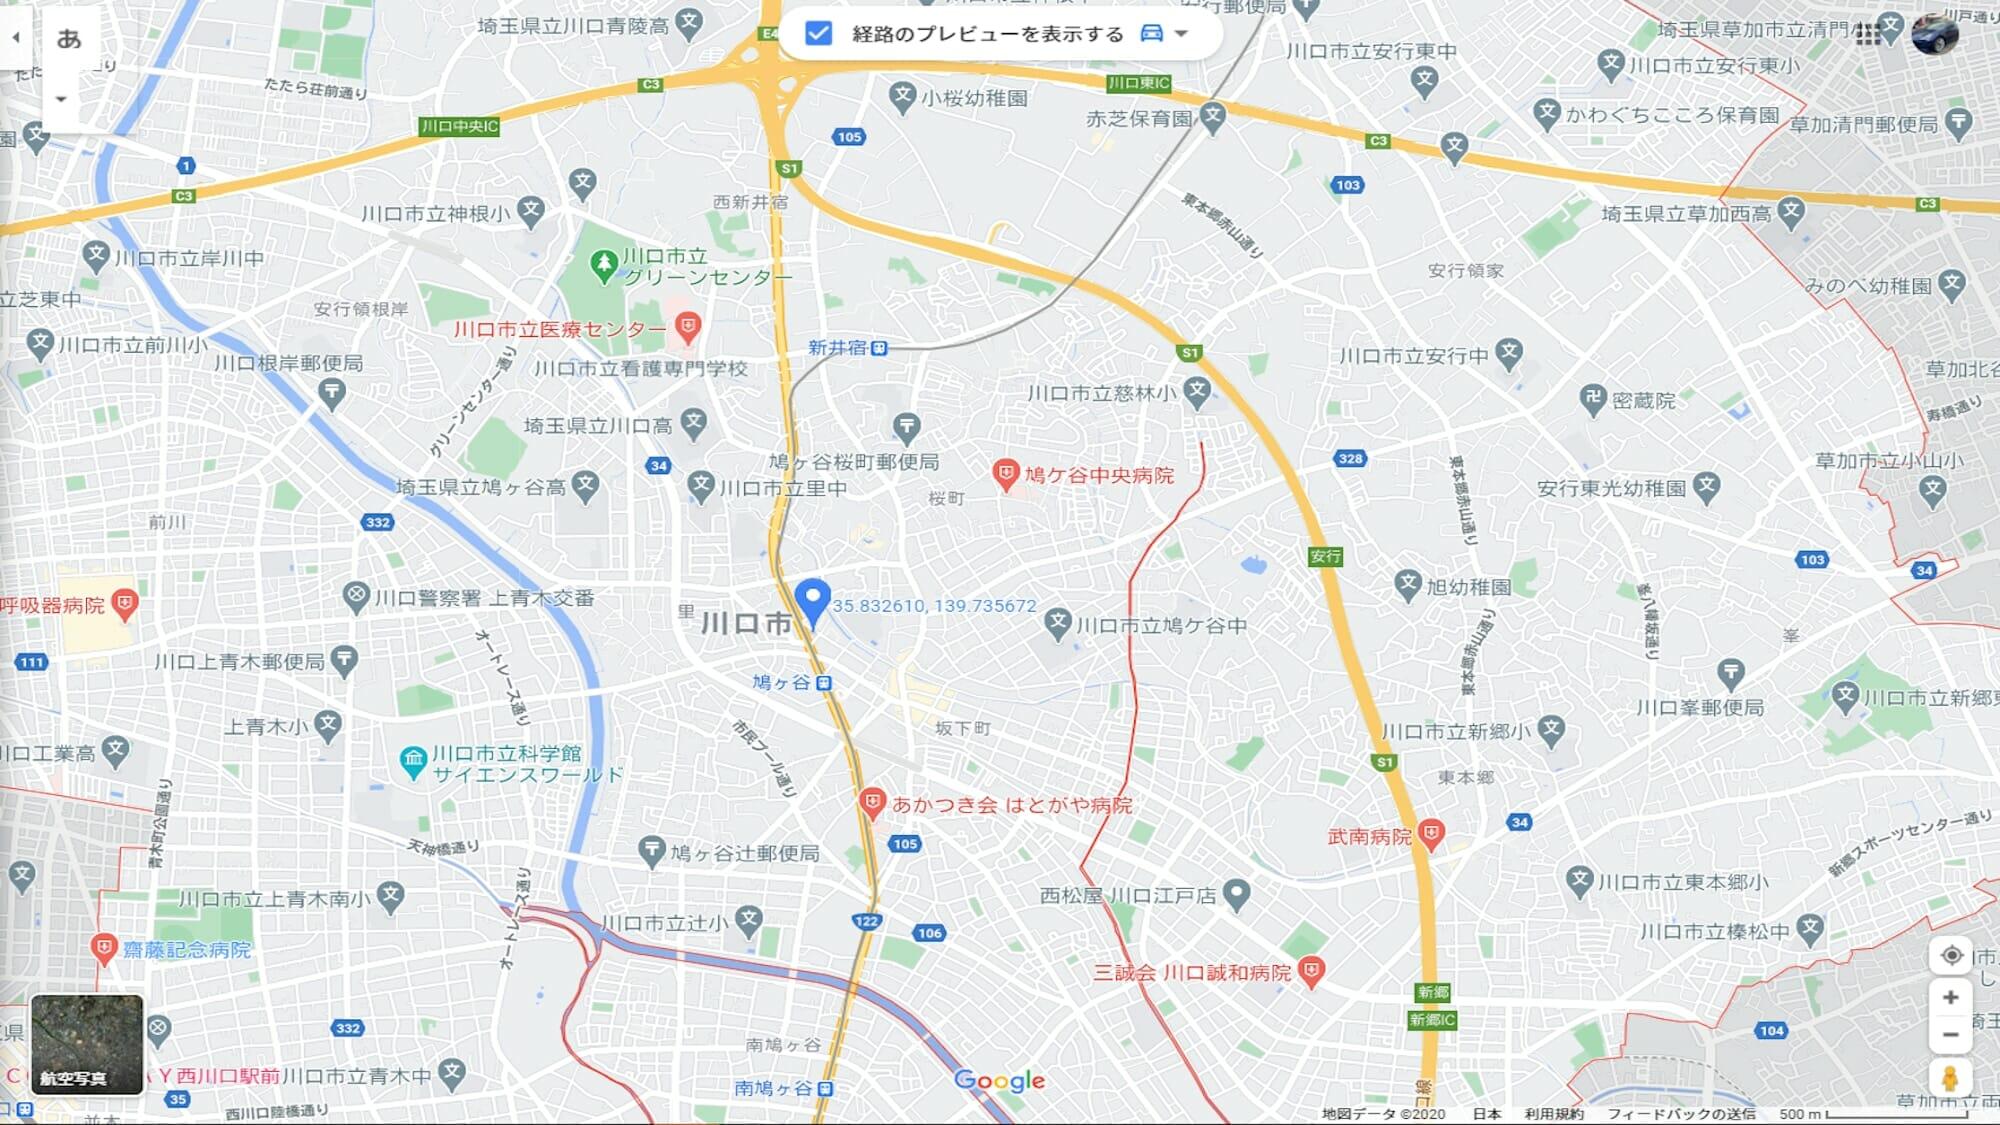 都内からの場合は新郷IC降りすぐ左折。混んでると左折しずらいです。新井宿ICまで行くのもアリです。